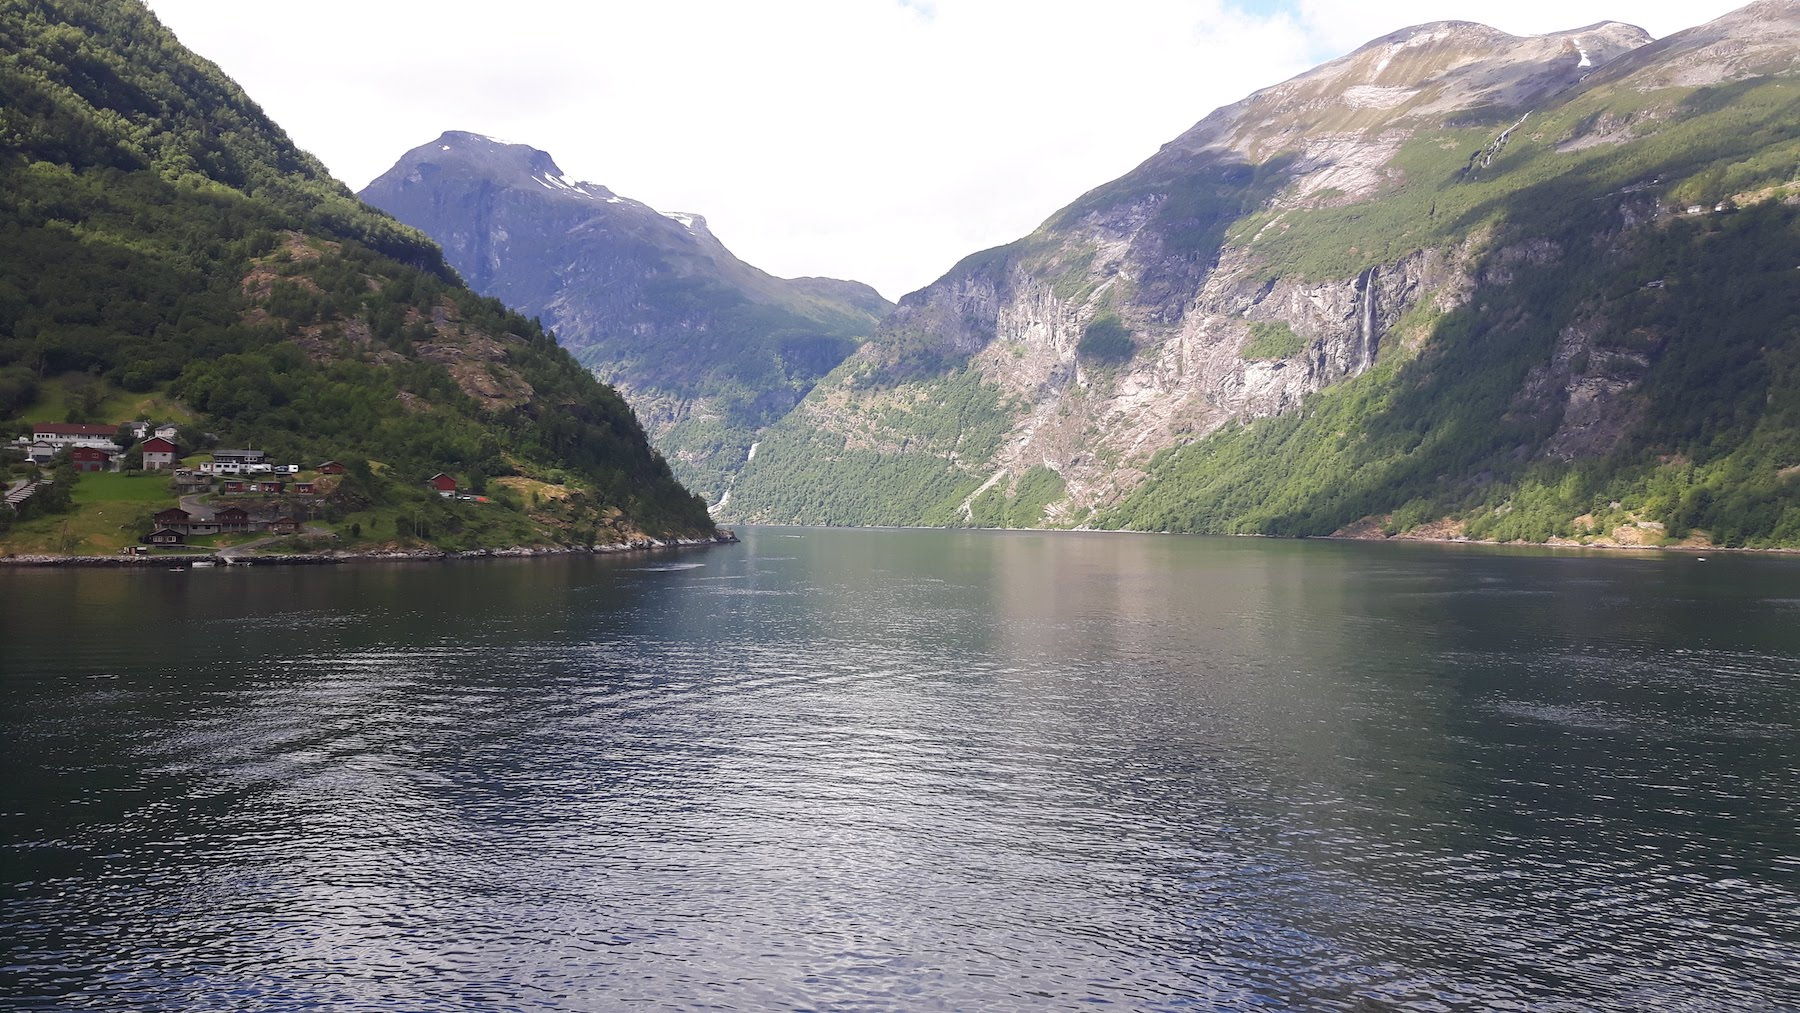 NIce view Geirangerfjord Norway